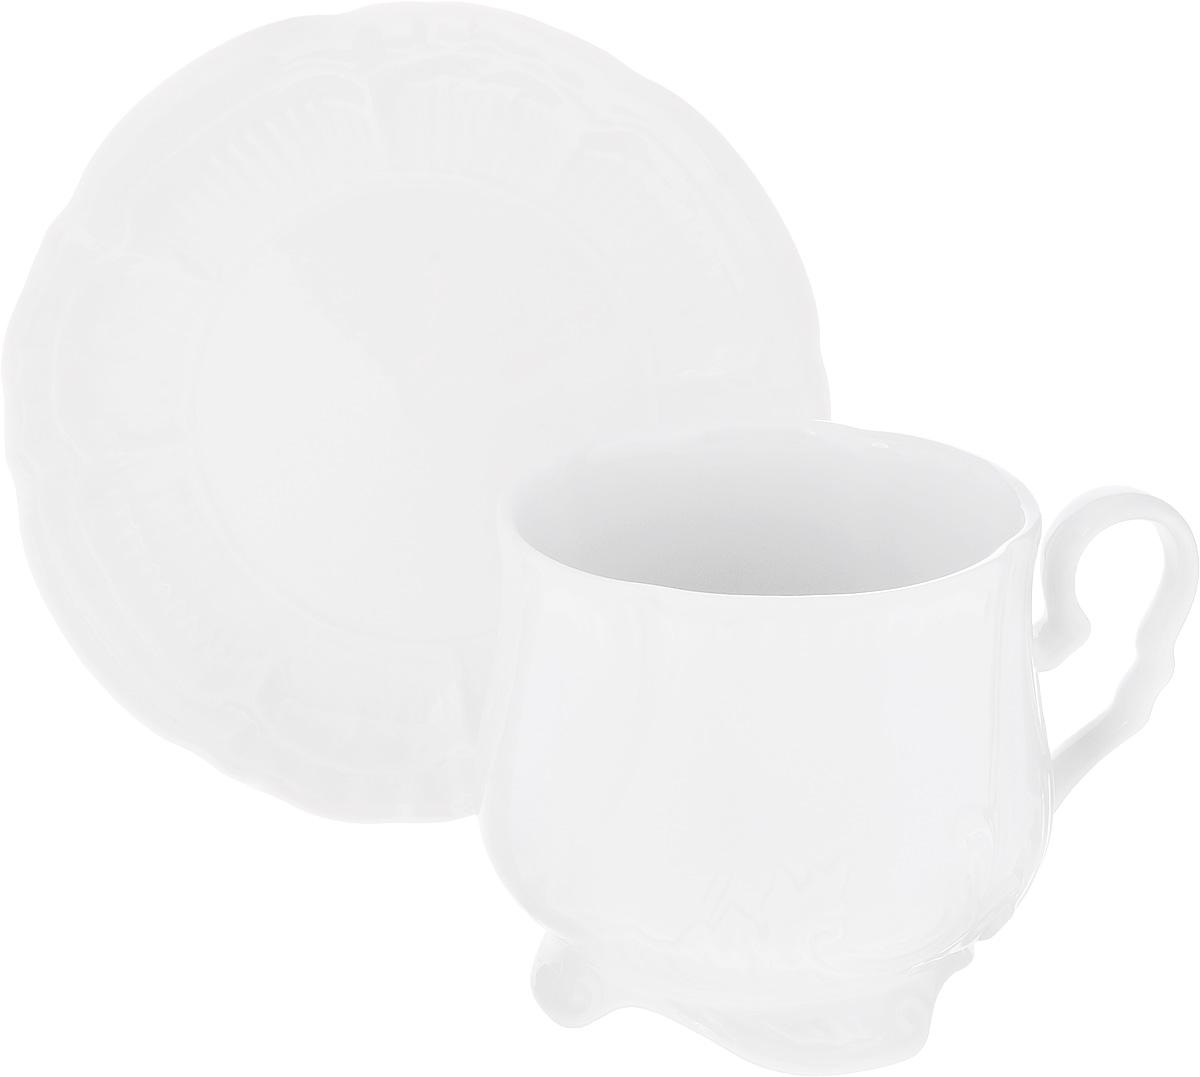 Чайная пара Фарфор Вербилок Кузнецовская, 2 предмета2633400БЧайная пара Фарфор Вербилок Кузнецовская состоит из чашки и блюдца, изготовленных из высококачественного фарфора. Изделия оформлены в классическом стиле и имеют изысканный внешний вид. Такой набор прекрасно дополнит сервировку стола к чаепитию и подчеркнет ваш безупречный вкус. Чайная пара Фарфор Вербилок Кузнецовская - это прекрасный подарок к любому случаю. Объем чашки: 350 мл. Диаметр чашки (по верхнему краю): 8 см. Высота чашки: 8,5 см. Диаметр блюдца: 14,5 см. Высота блюдца: 2 см.